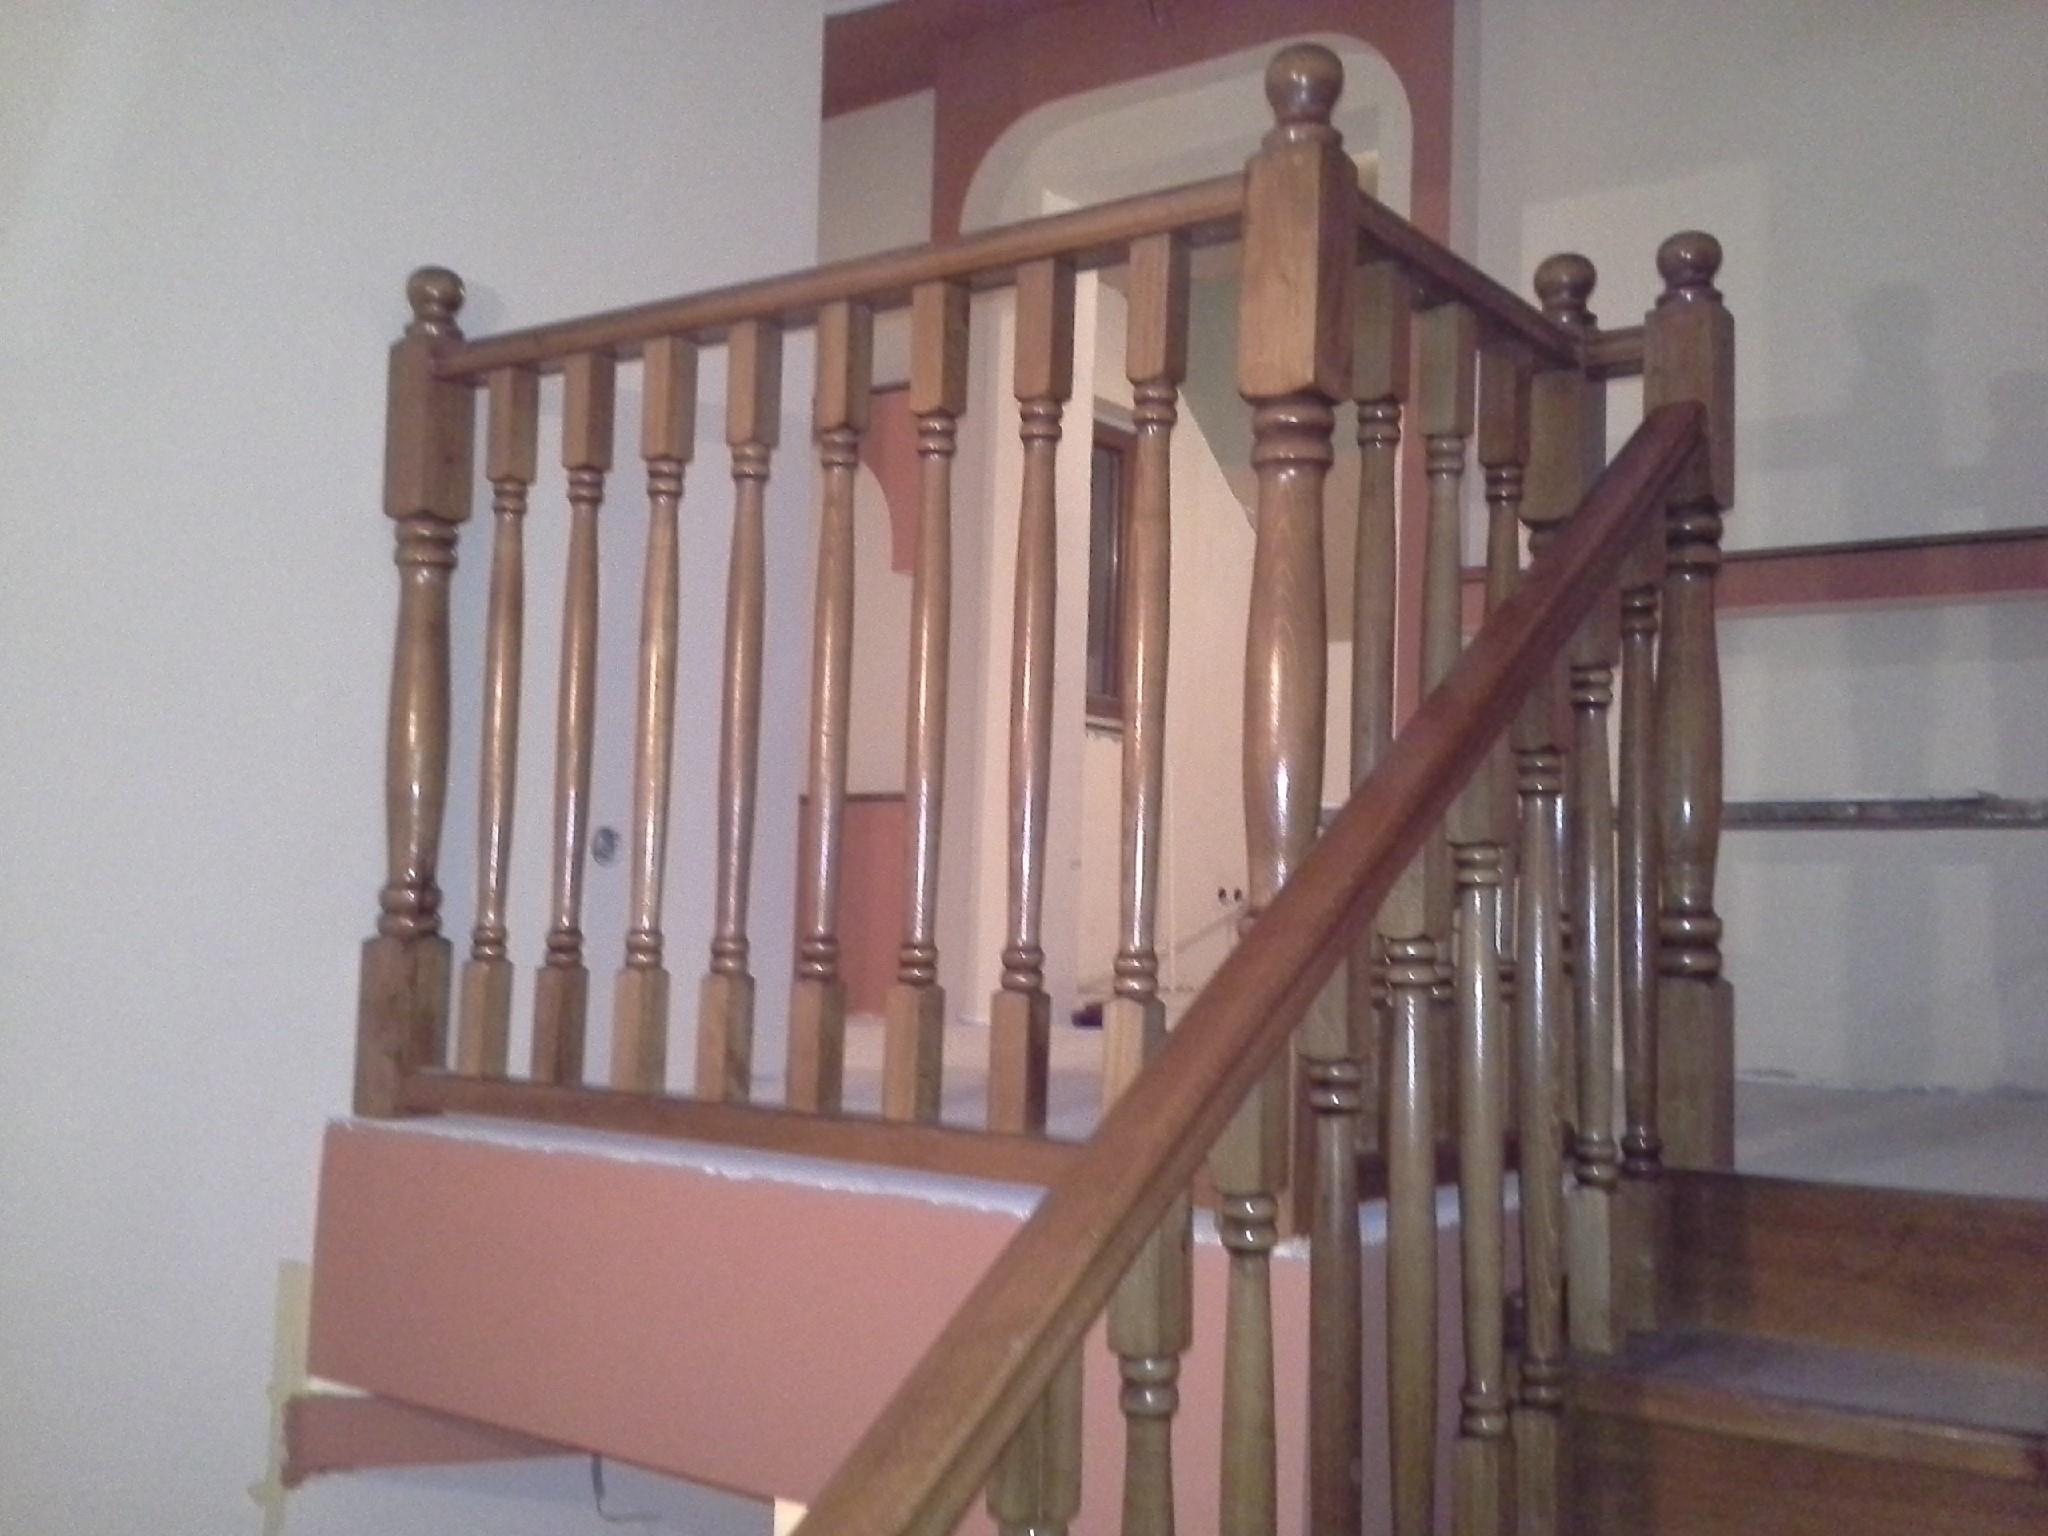 Placare scara din beton cu trepte si contratrepte din fag aburit, balustri strunjiti totul baituit culoare stejar auriu - Placari beton sau metal